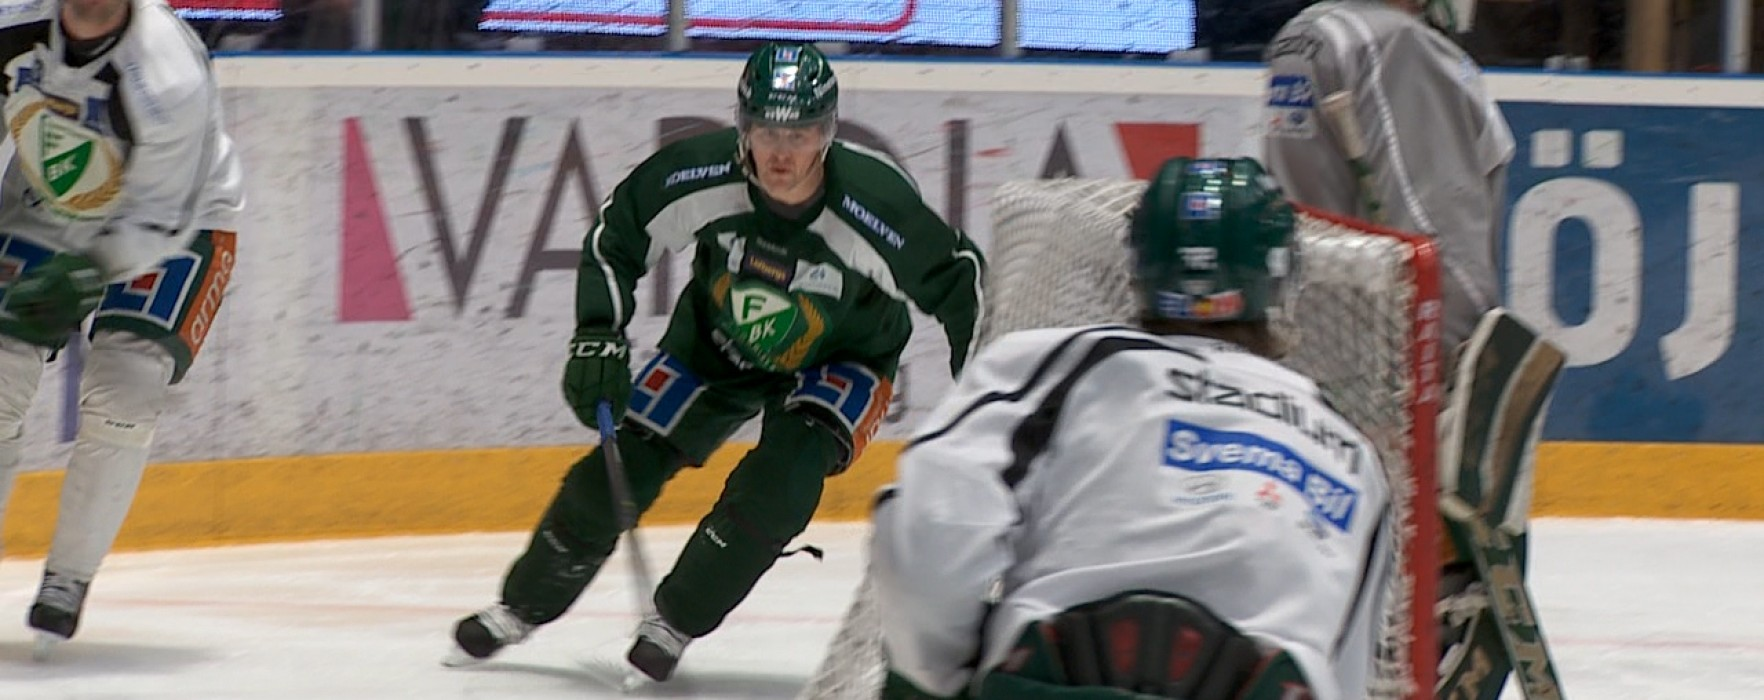 Glimt Sport – Mikael Johansson inför slutspelet